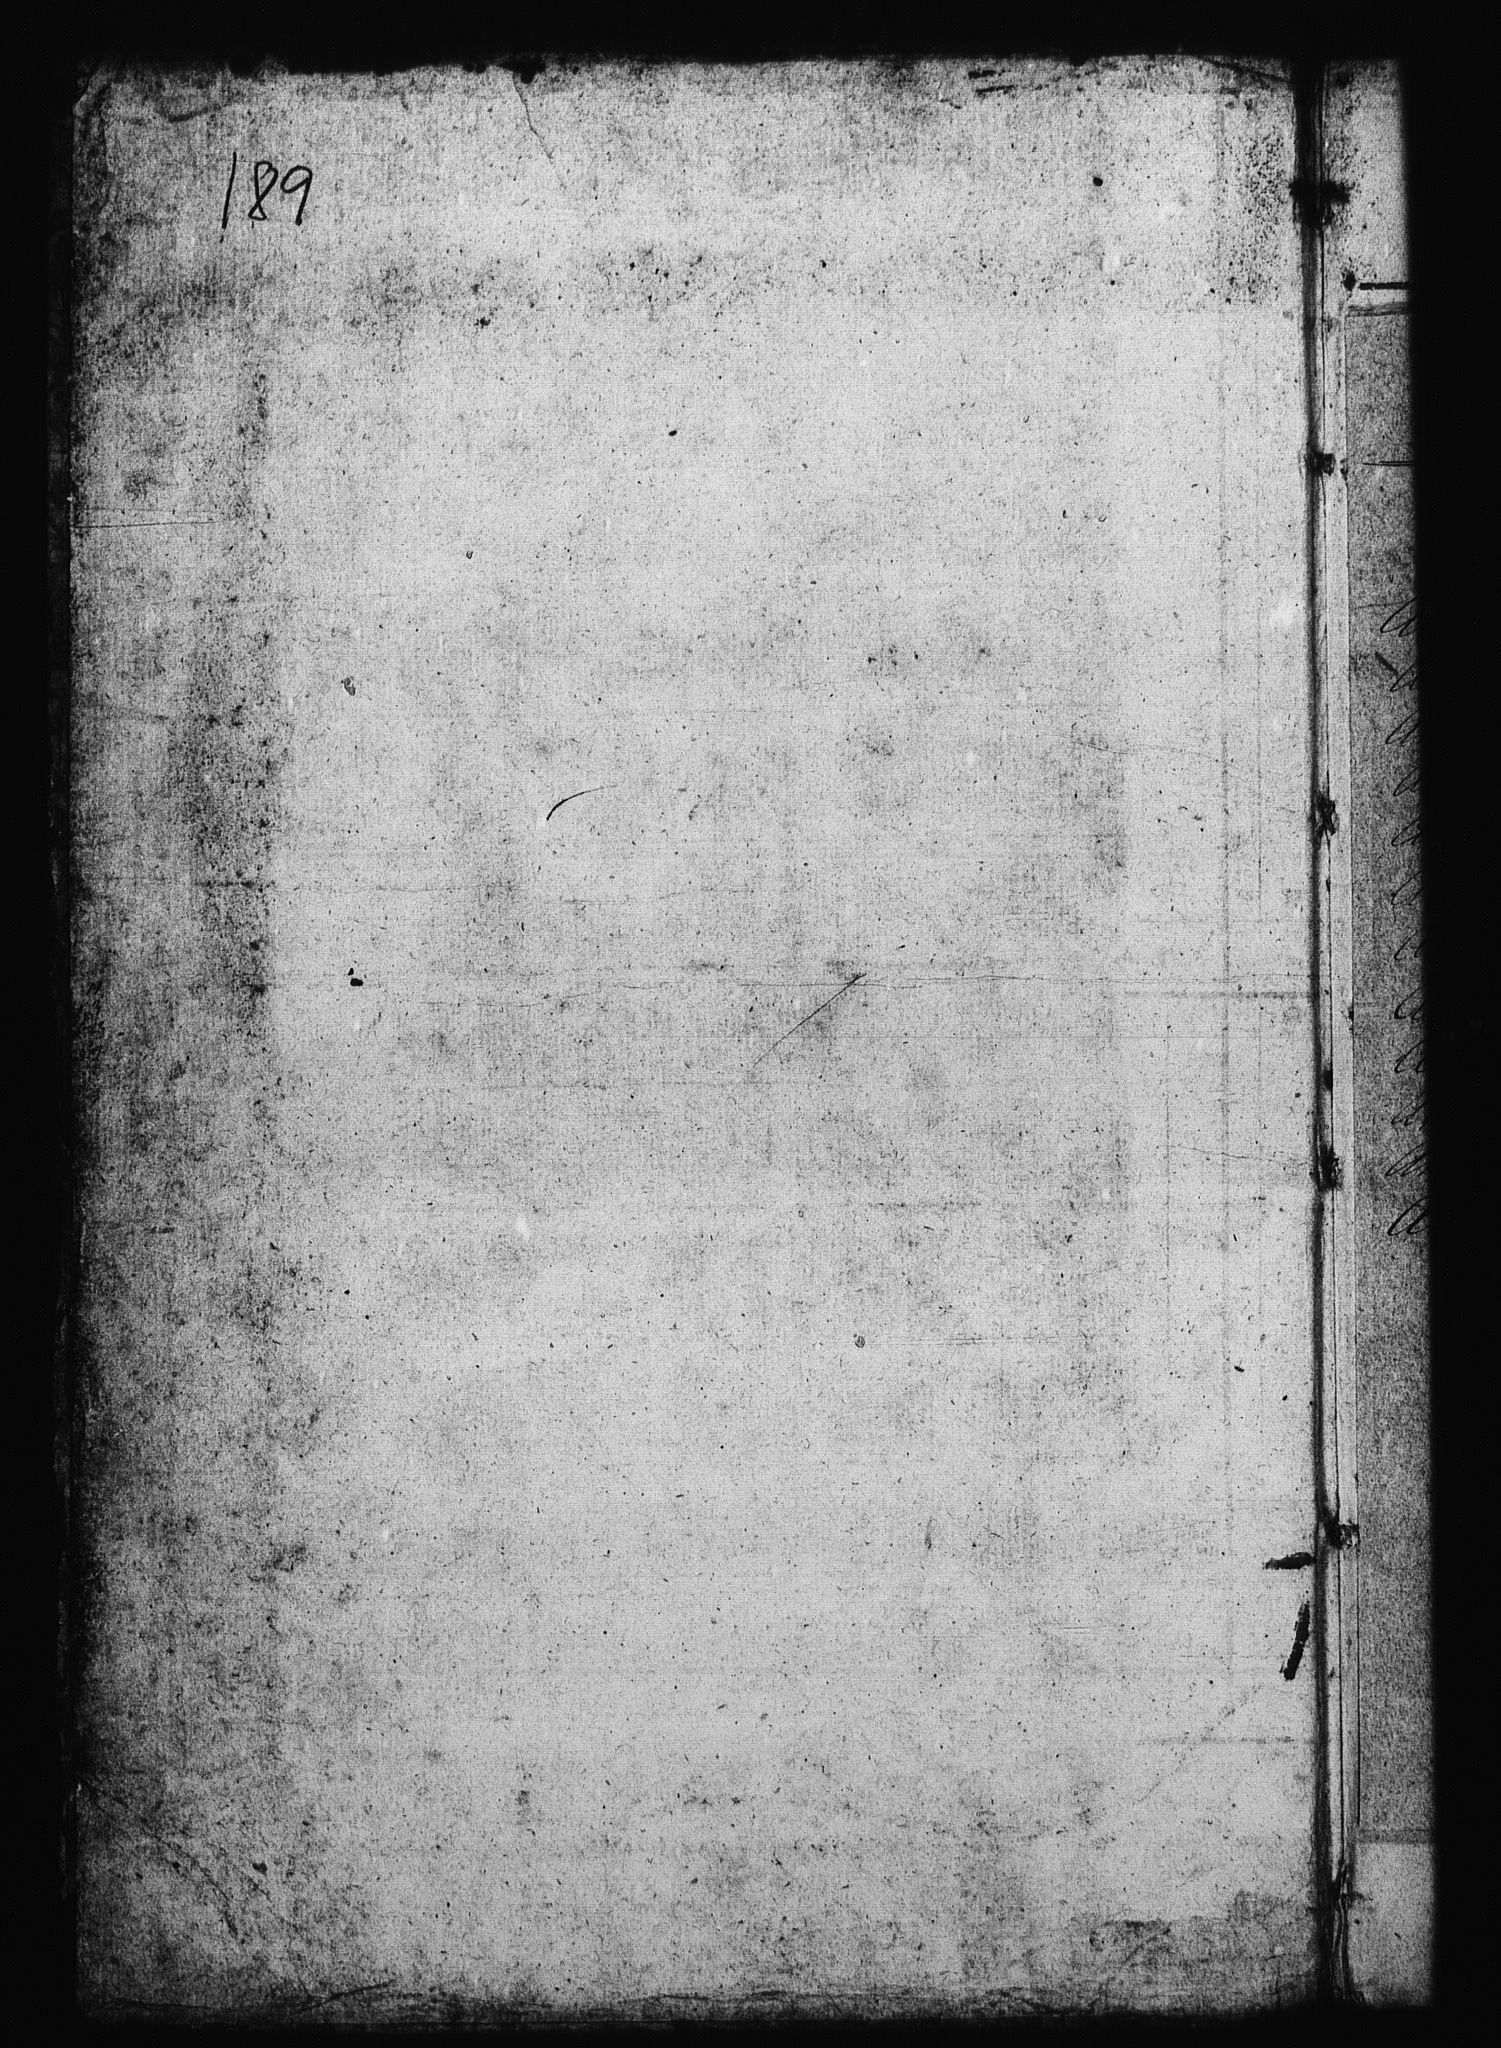 RA, Sjøetaten, F/L0190: Fredrikshalds distrikt, bind 1, 1801